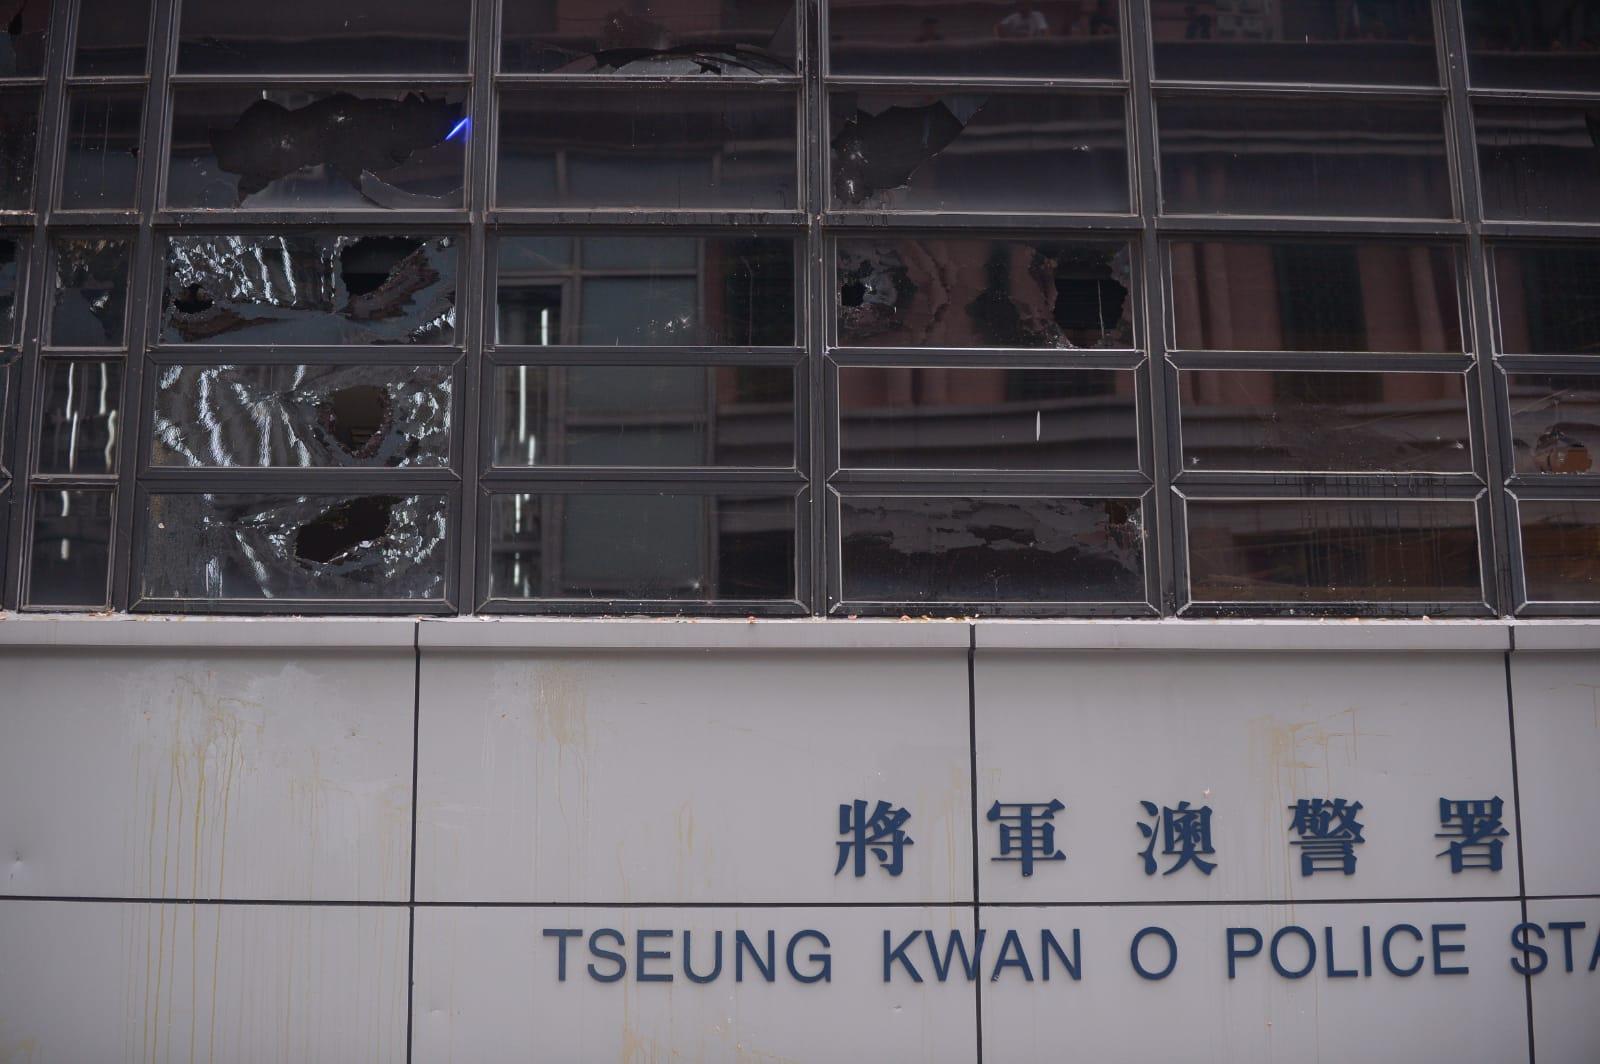 示威者毁壞警署多扇玻璃窗